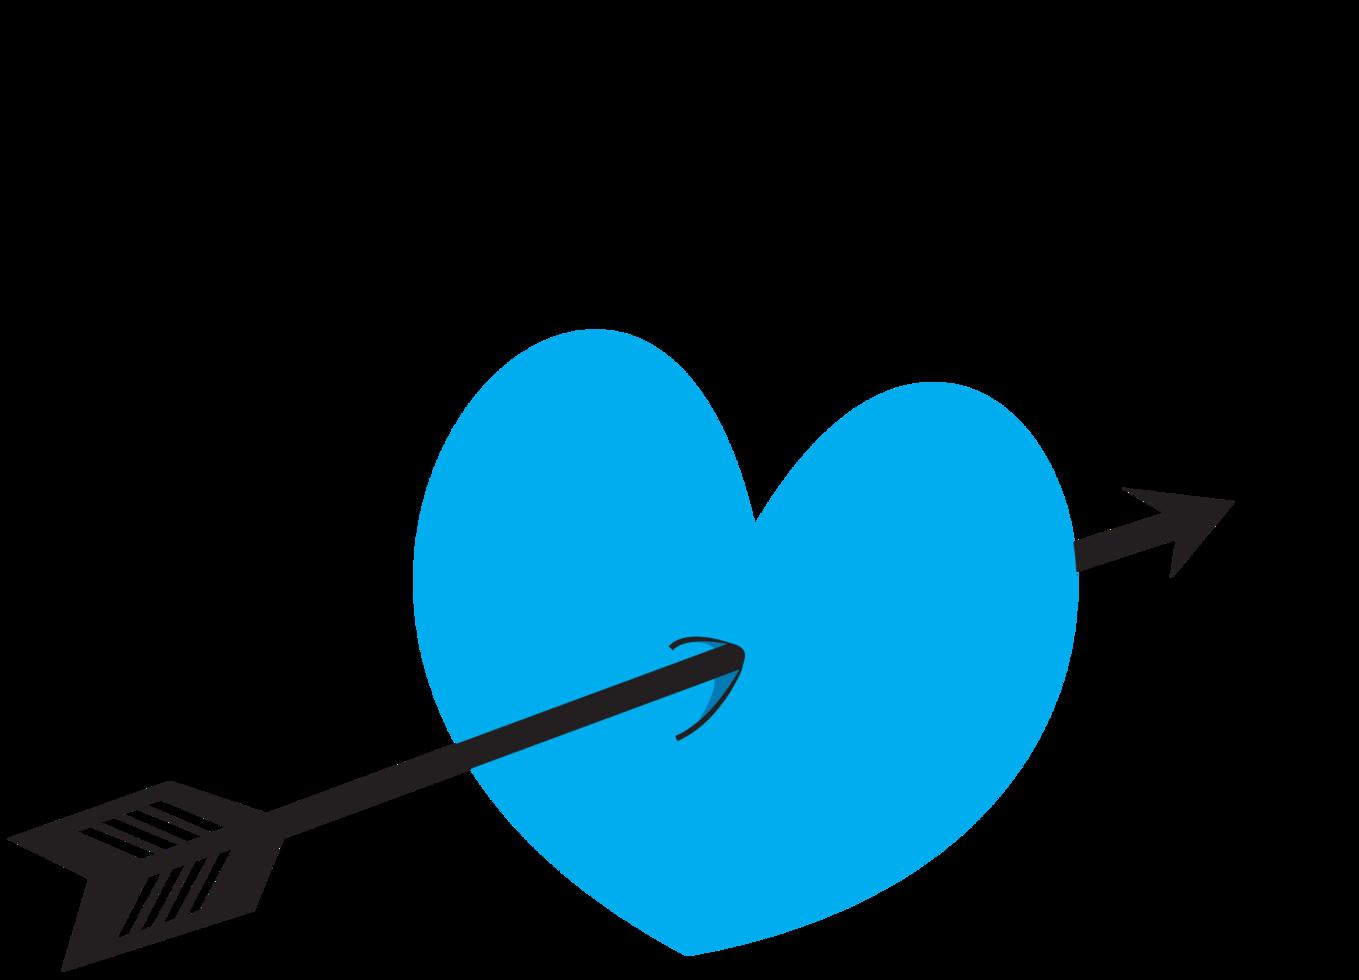 pil genom hjärtat png